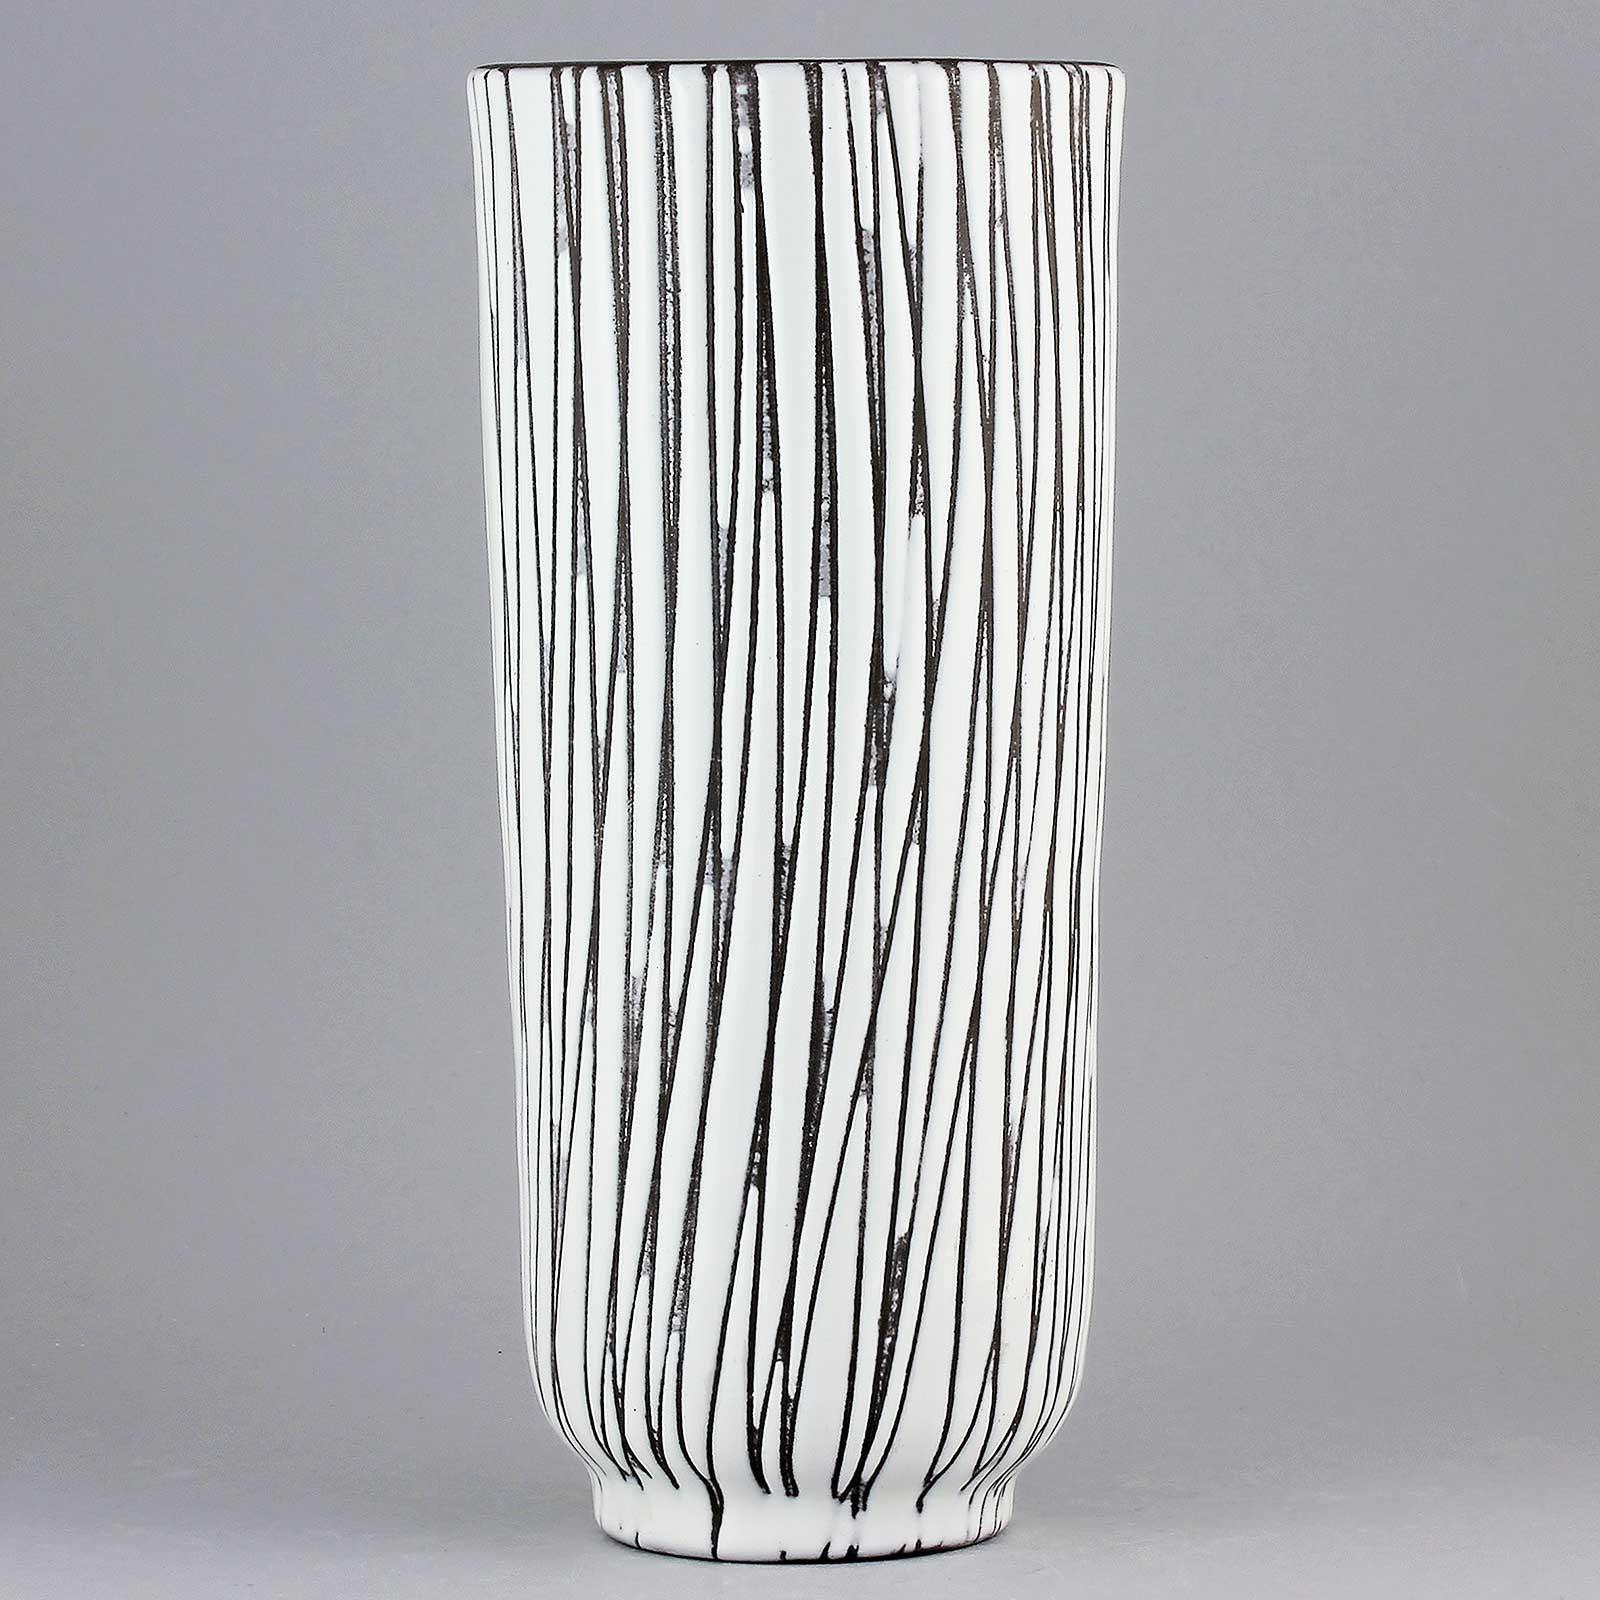 24 Amazing 16 Glass Cylinder Vase 2021 free download 16 glass cylinder vase of mari simmulson mars 1952 striking cylinder vase within 160825699 origpic e7f23b